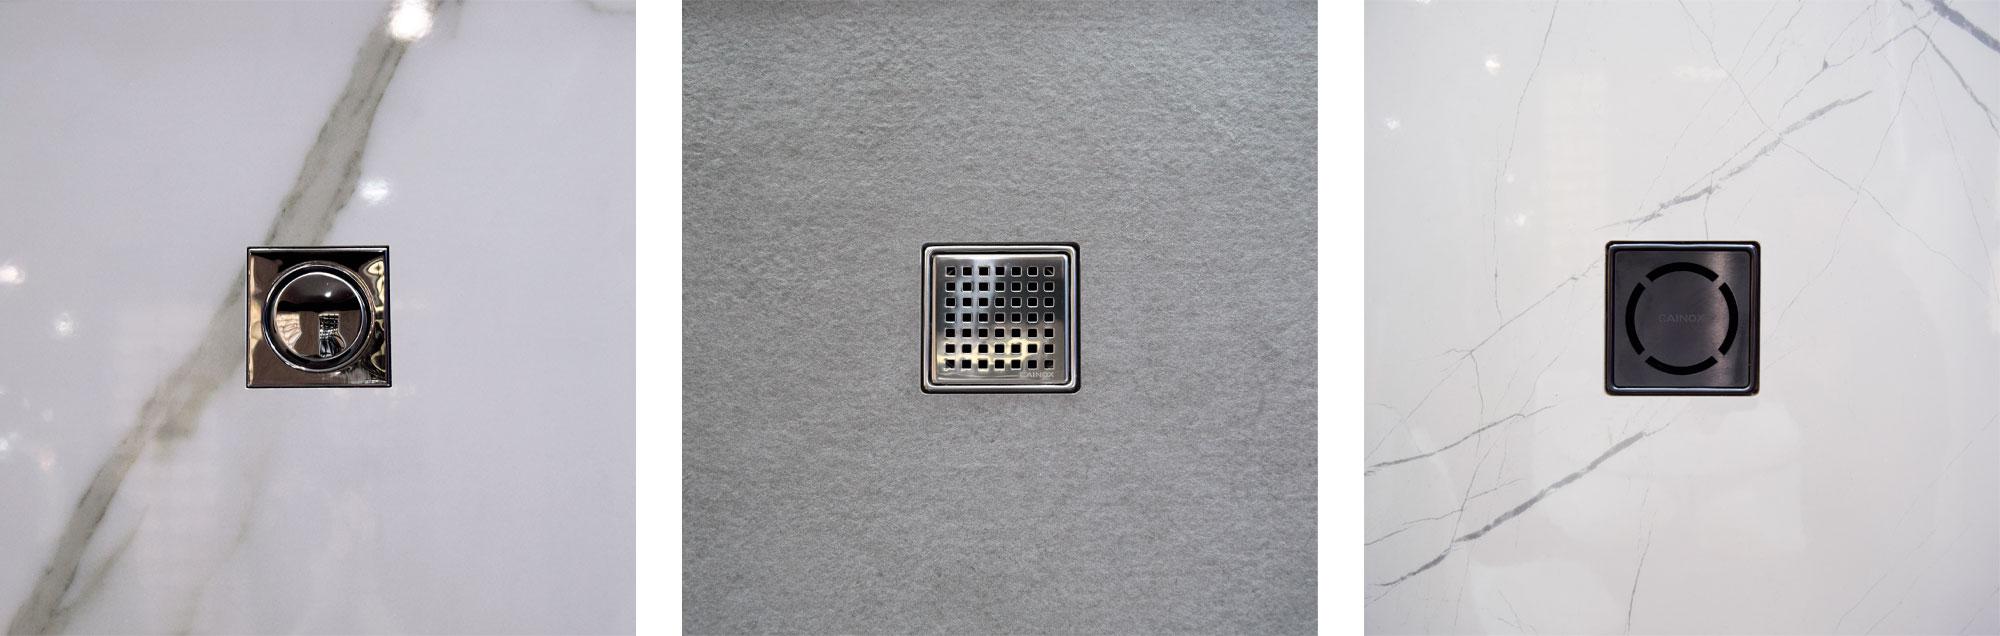 sumideros-domesticos-cainox-03